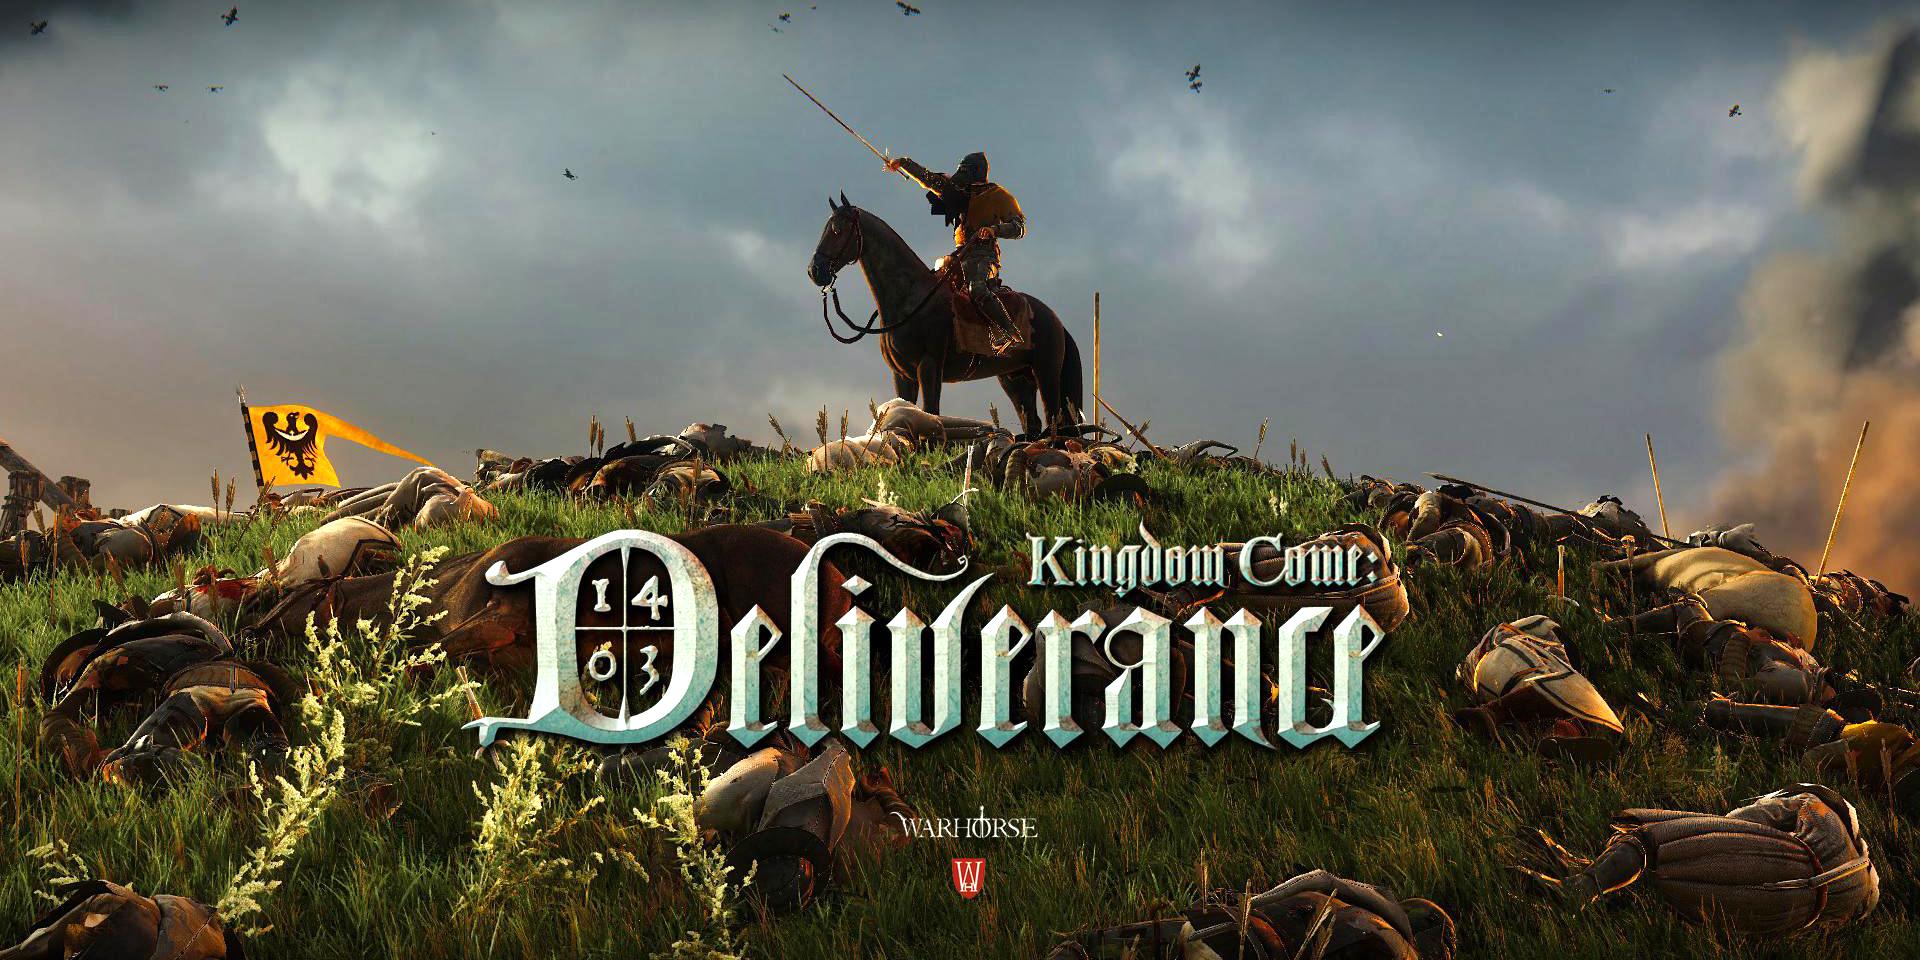 Notre avis sur Kingdom Come: Deliverance